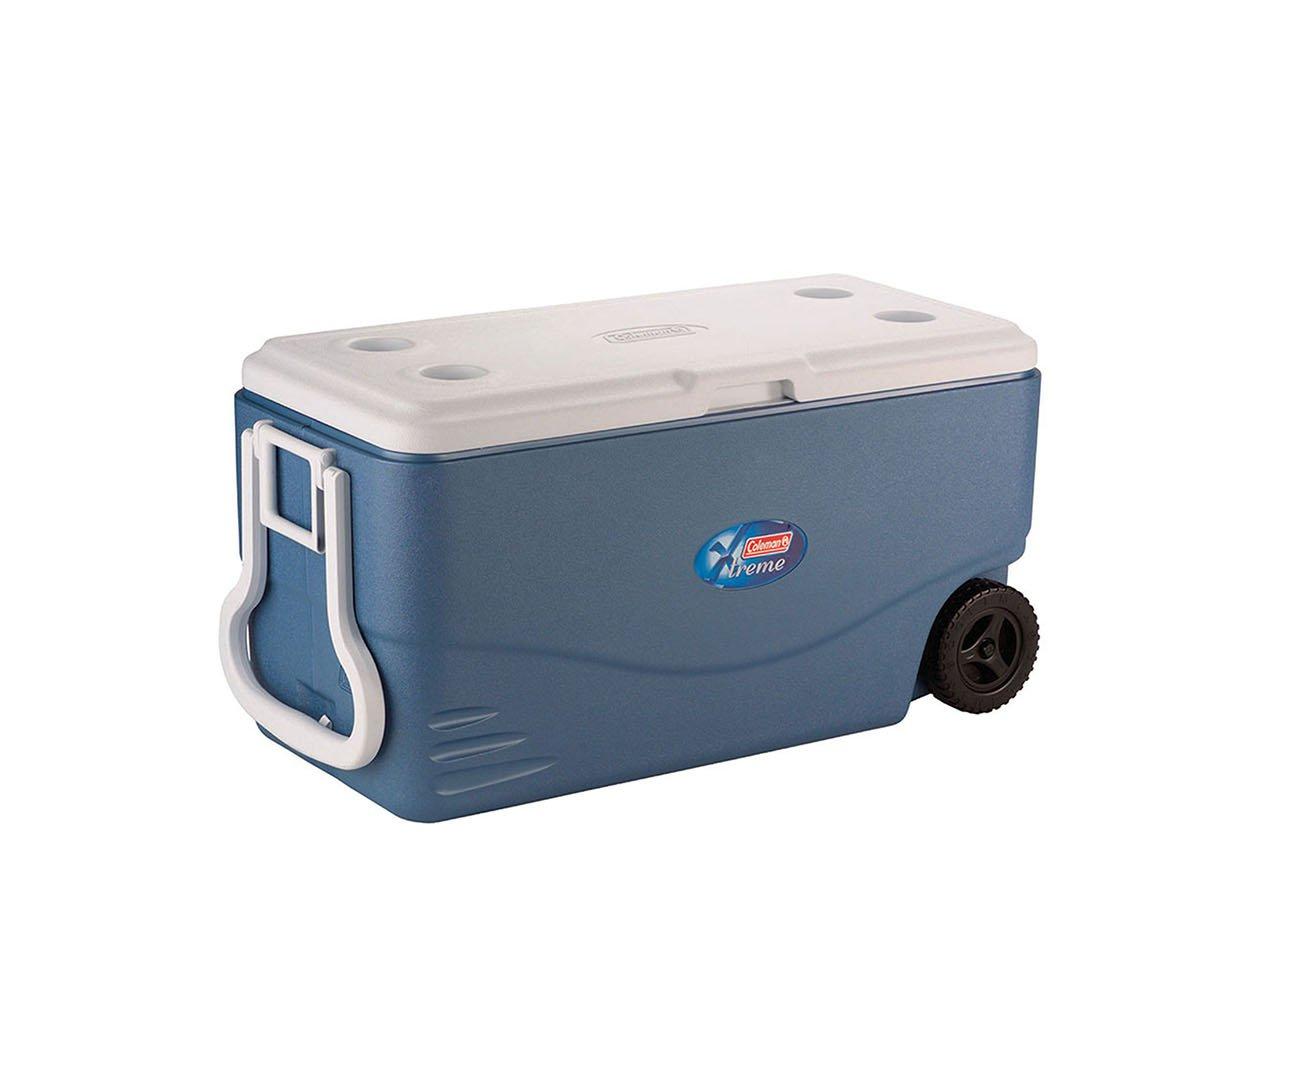 Caixa Térmica Com Rodas Extreme 100 Qt (95 Lts) Azul - Coleman